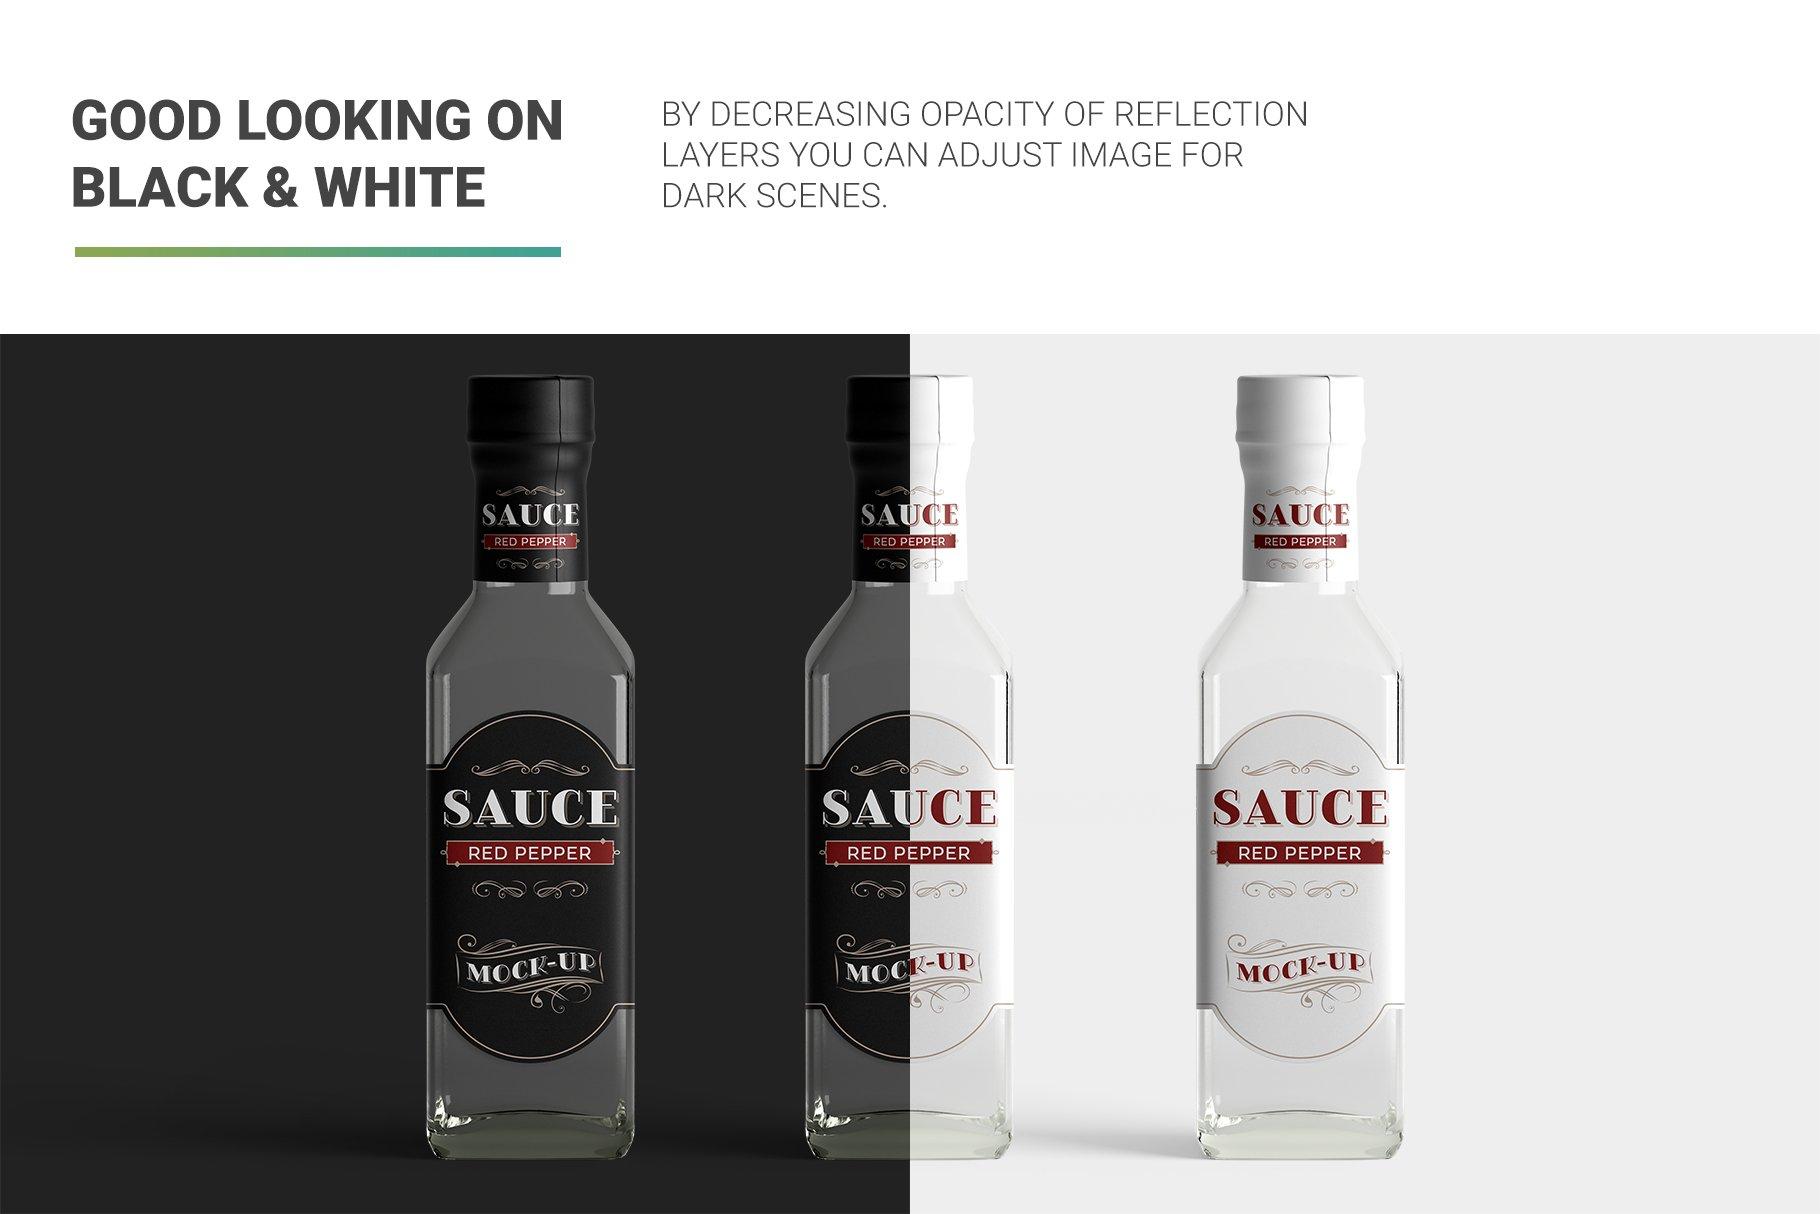 方形玻璃果酱酱油瓶样机 Sauce Bottle Mockup插图(9)